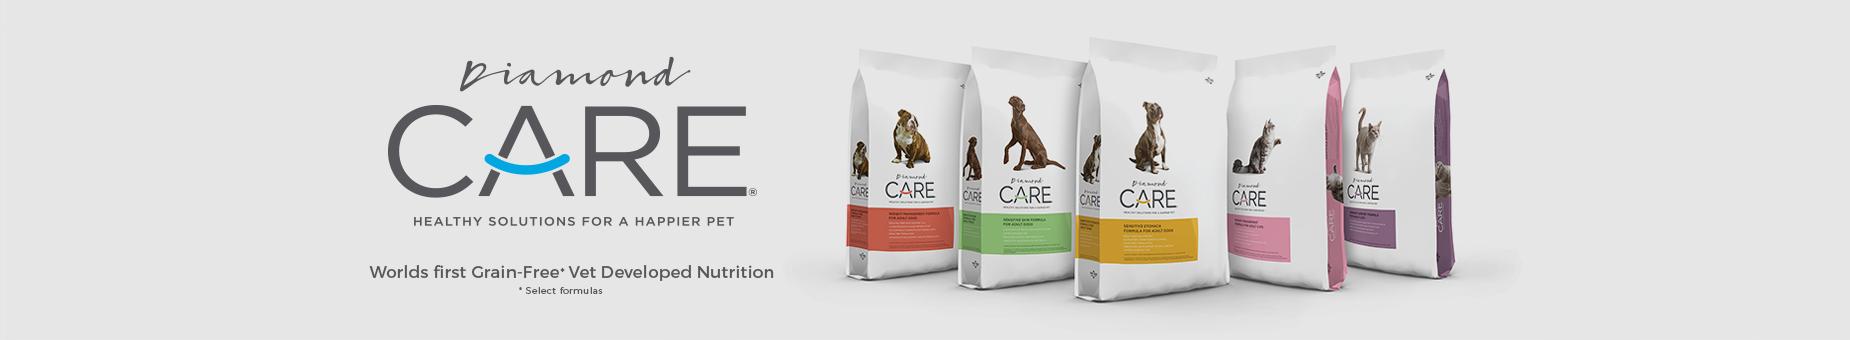 Sensitive Skin Formula For Adult Dogs